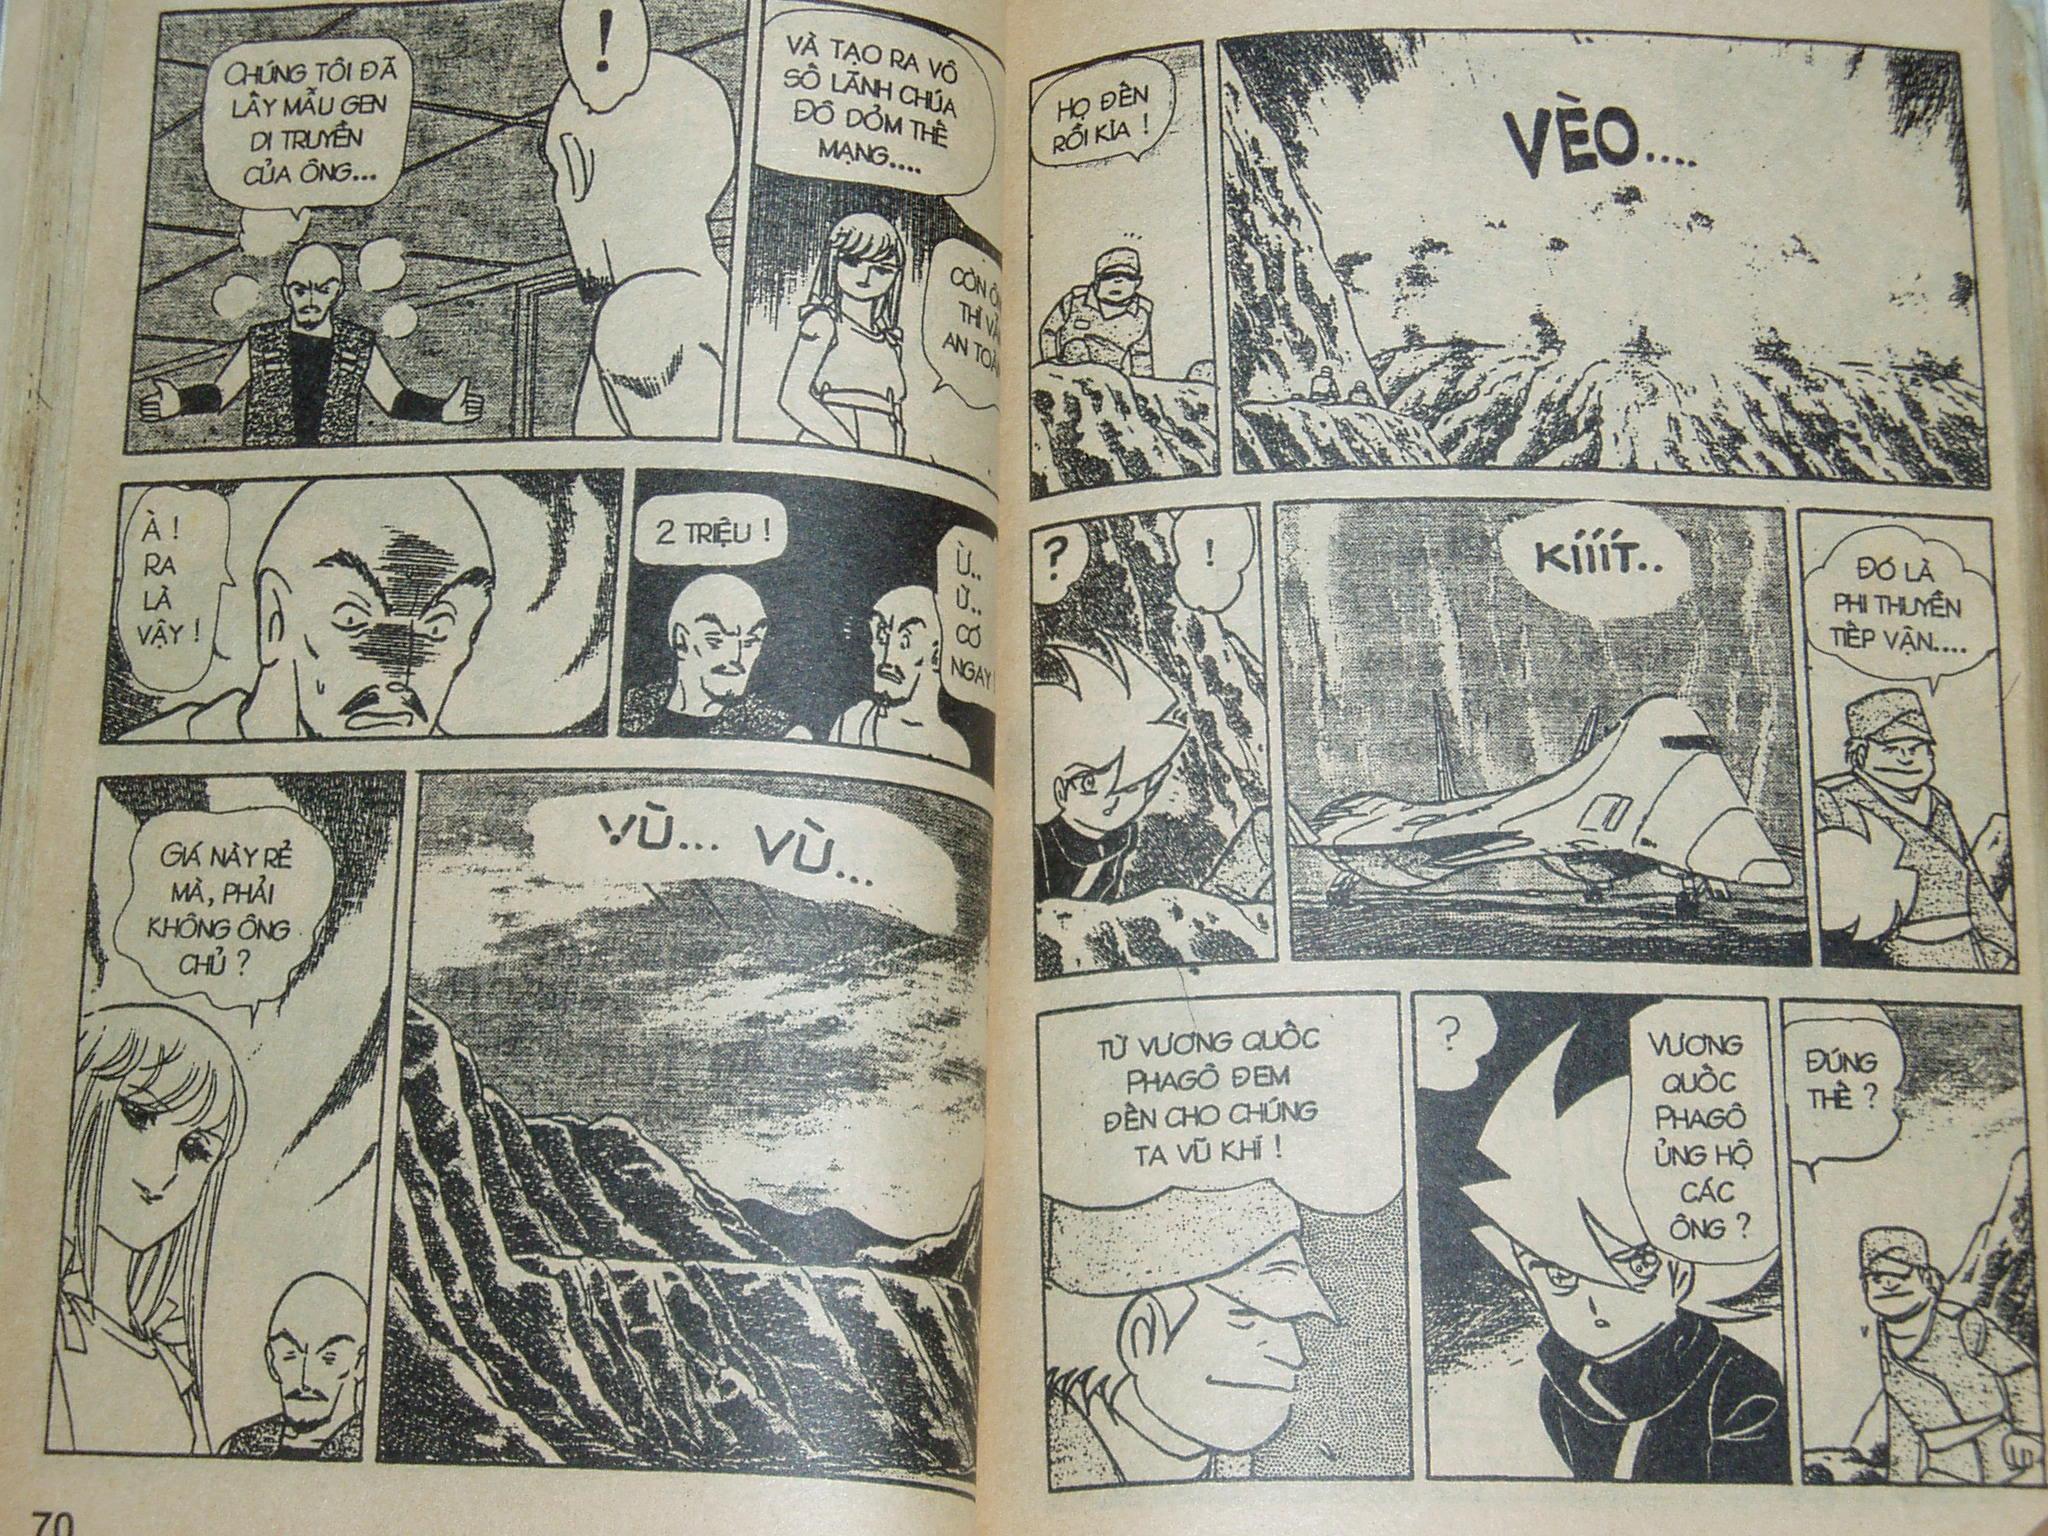 Siêu nhân Locke vol 18 trang 34